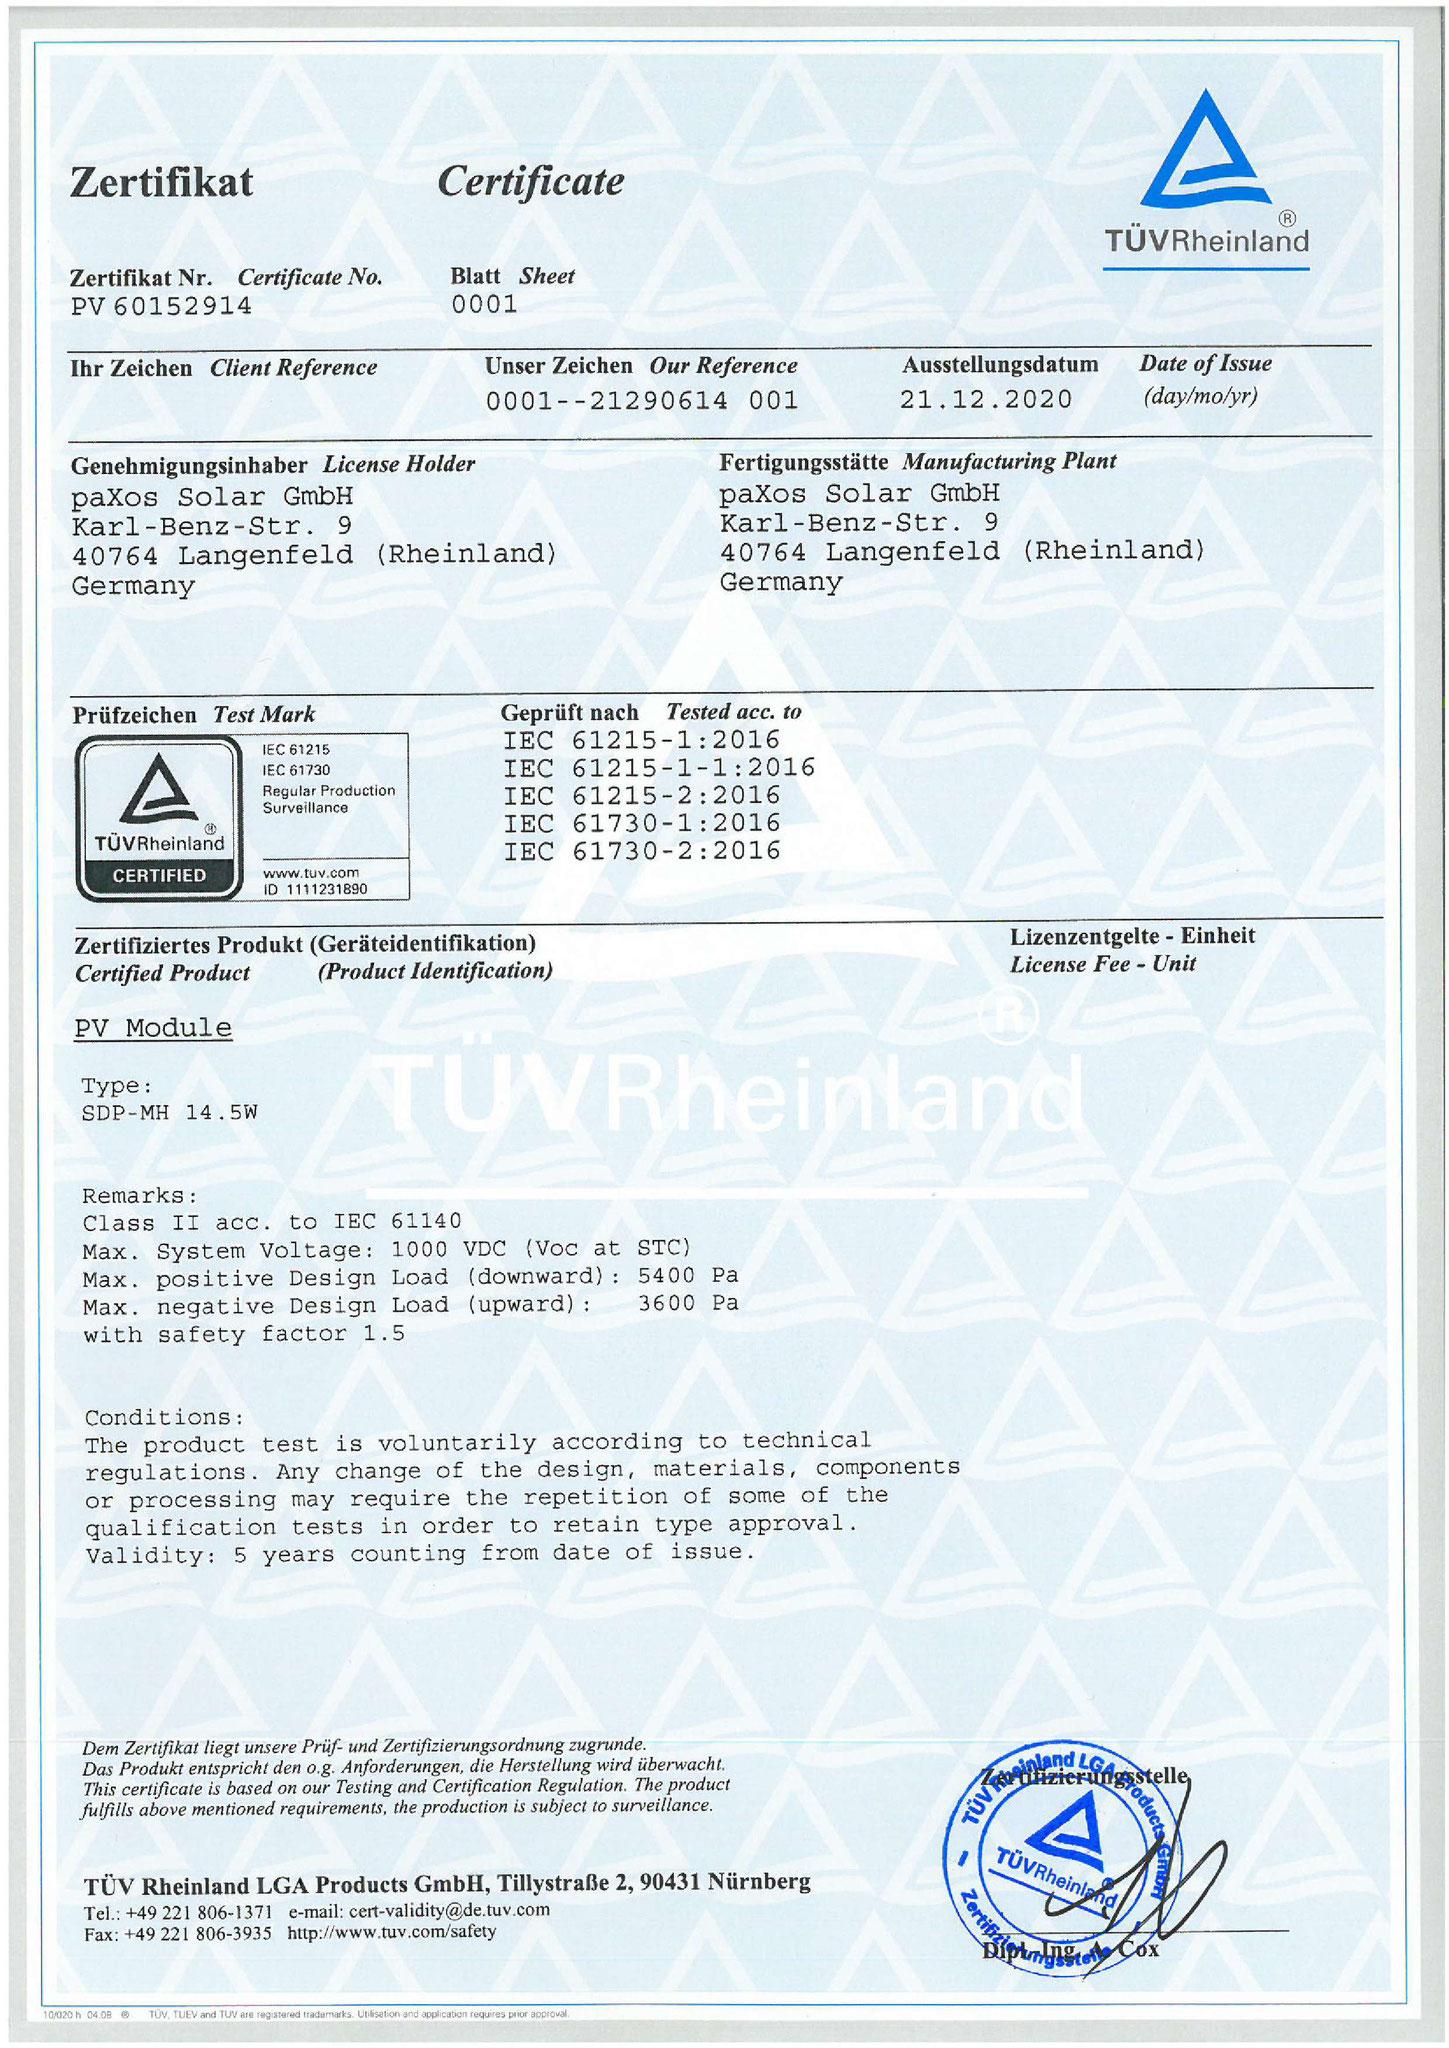 Zertifizierung als PV-Modul vom TÜV Rheinland